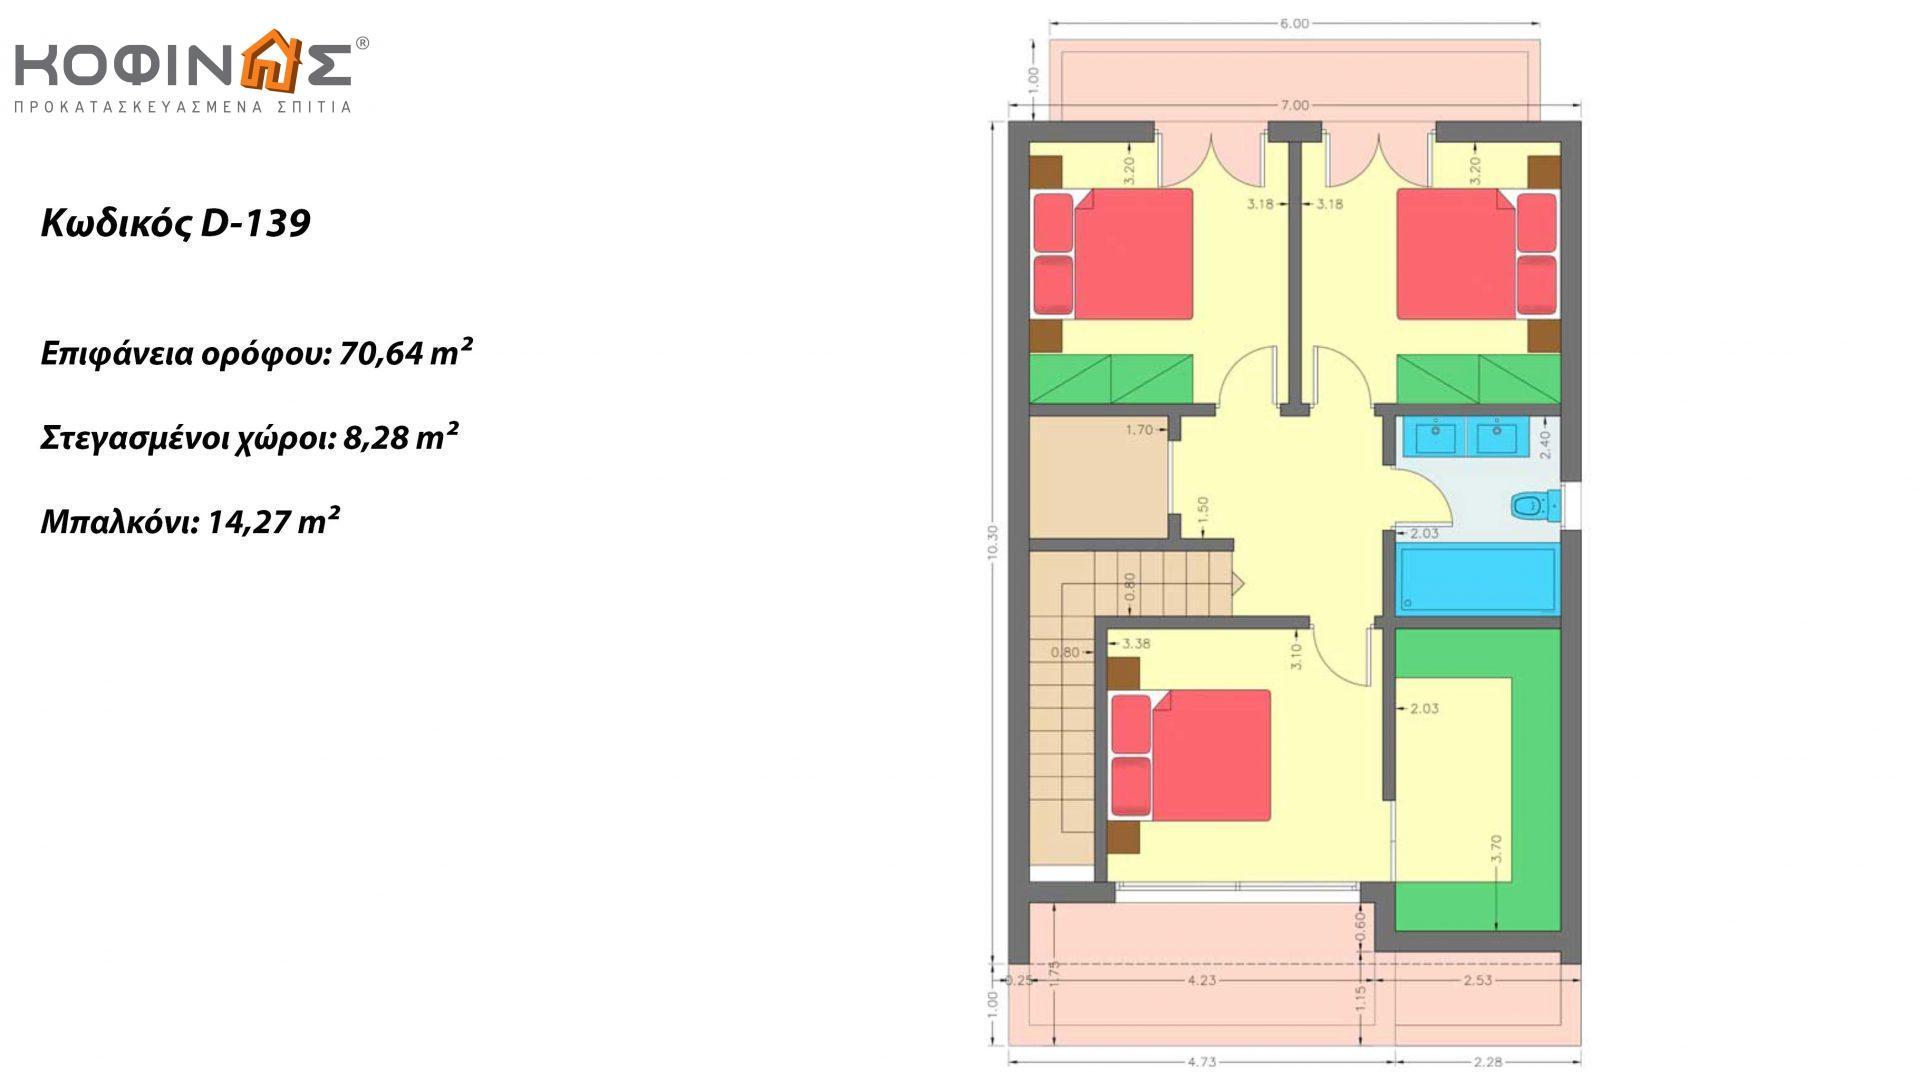 Διώροφη Κατοικία D-139, συνολικής επιφάνειας 139,00 τ.μ., συνολική επιφάνεια στεγασμένων χώρων 19.88 τ.μ., μπαλκόνια 14.27 τ.μ.